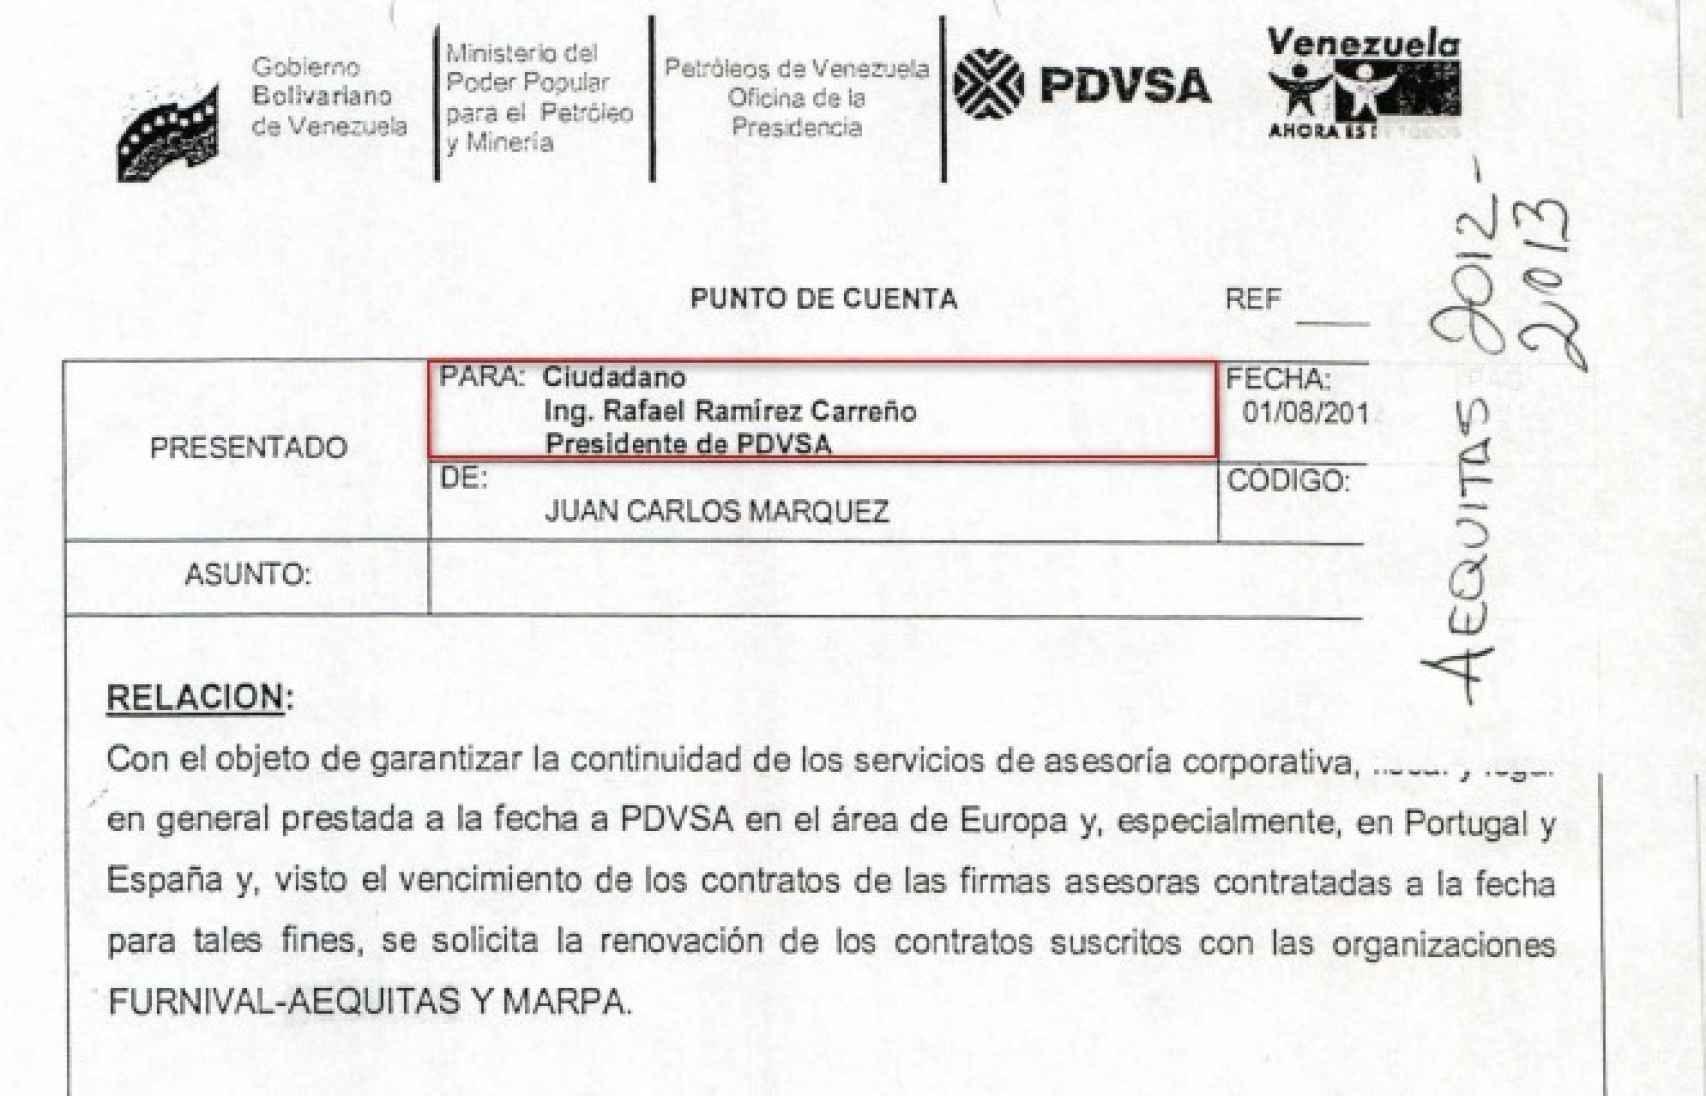 Renovación del contrato entre las empresas de Alejo Morodo y PDVSA.